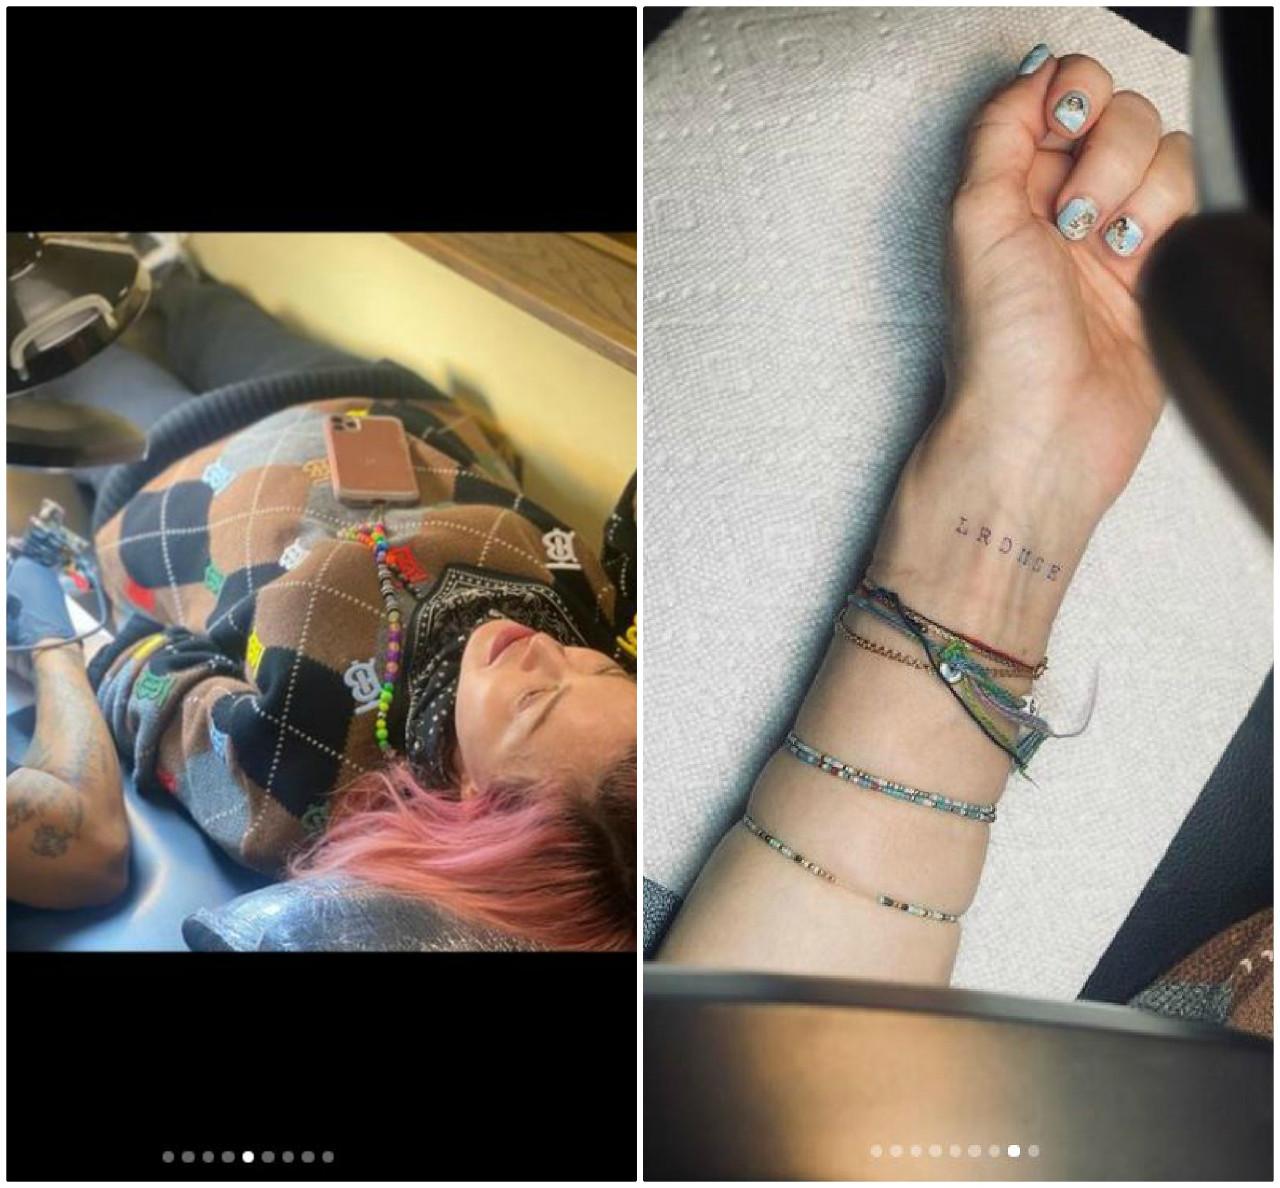 Madonna pokazała pierwszy tatuaż na ciele.